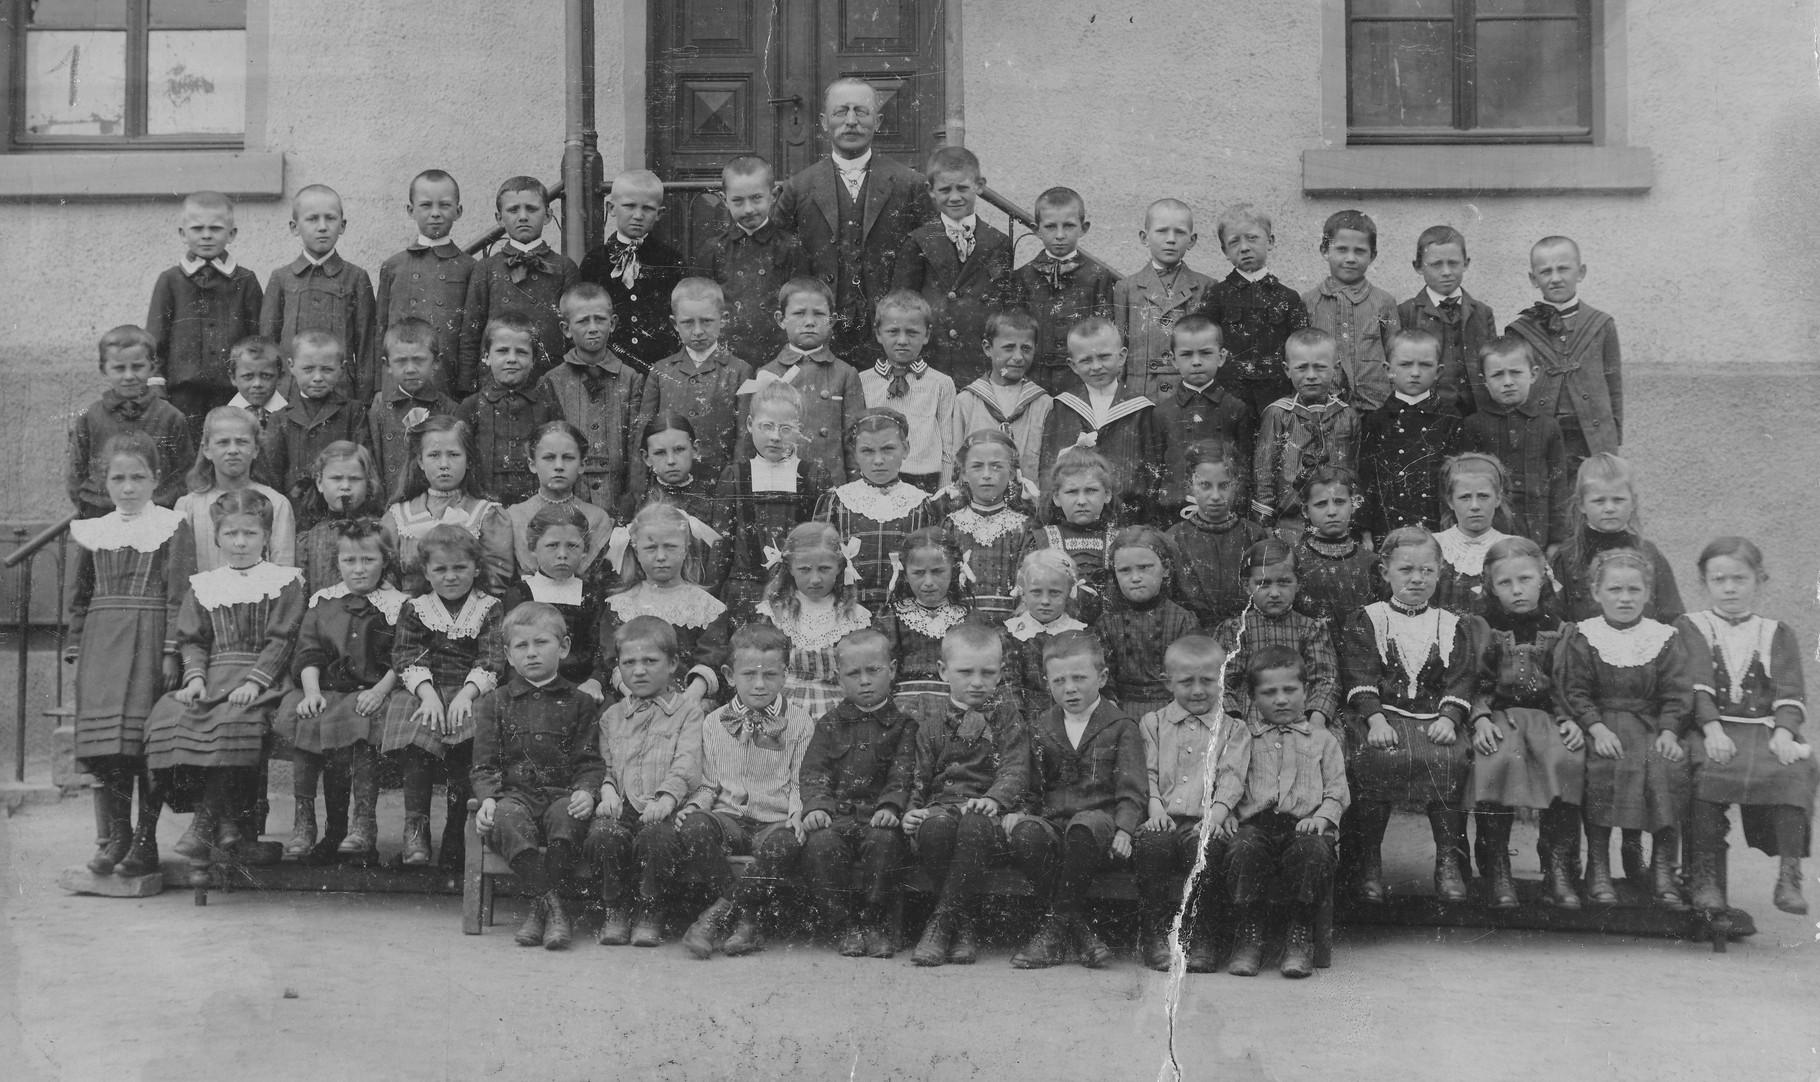 Jahrgang 1907, Bild: Knerndel,Christel